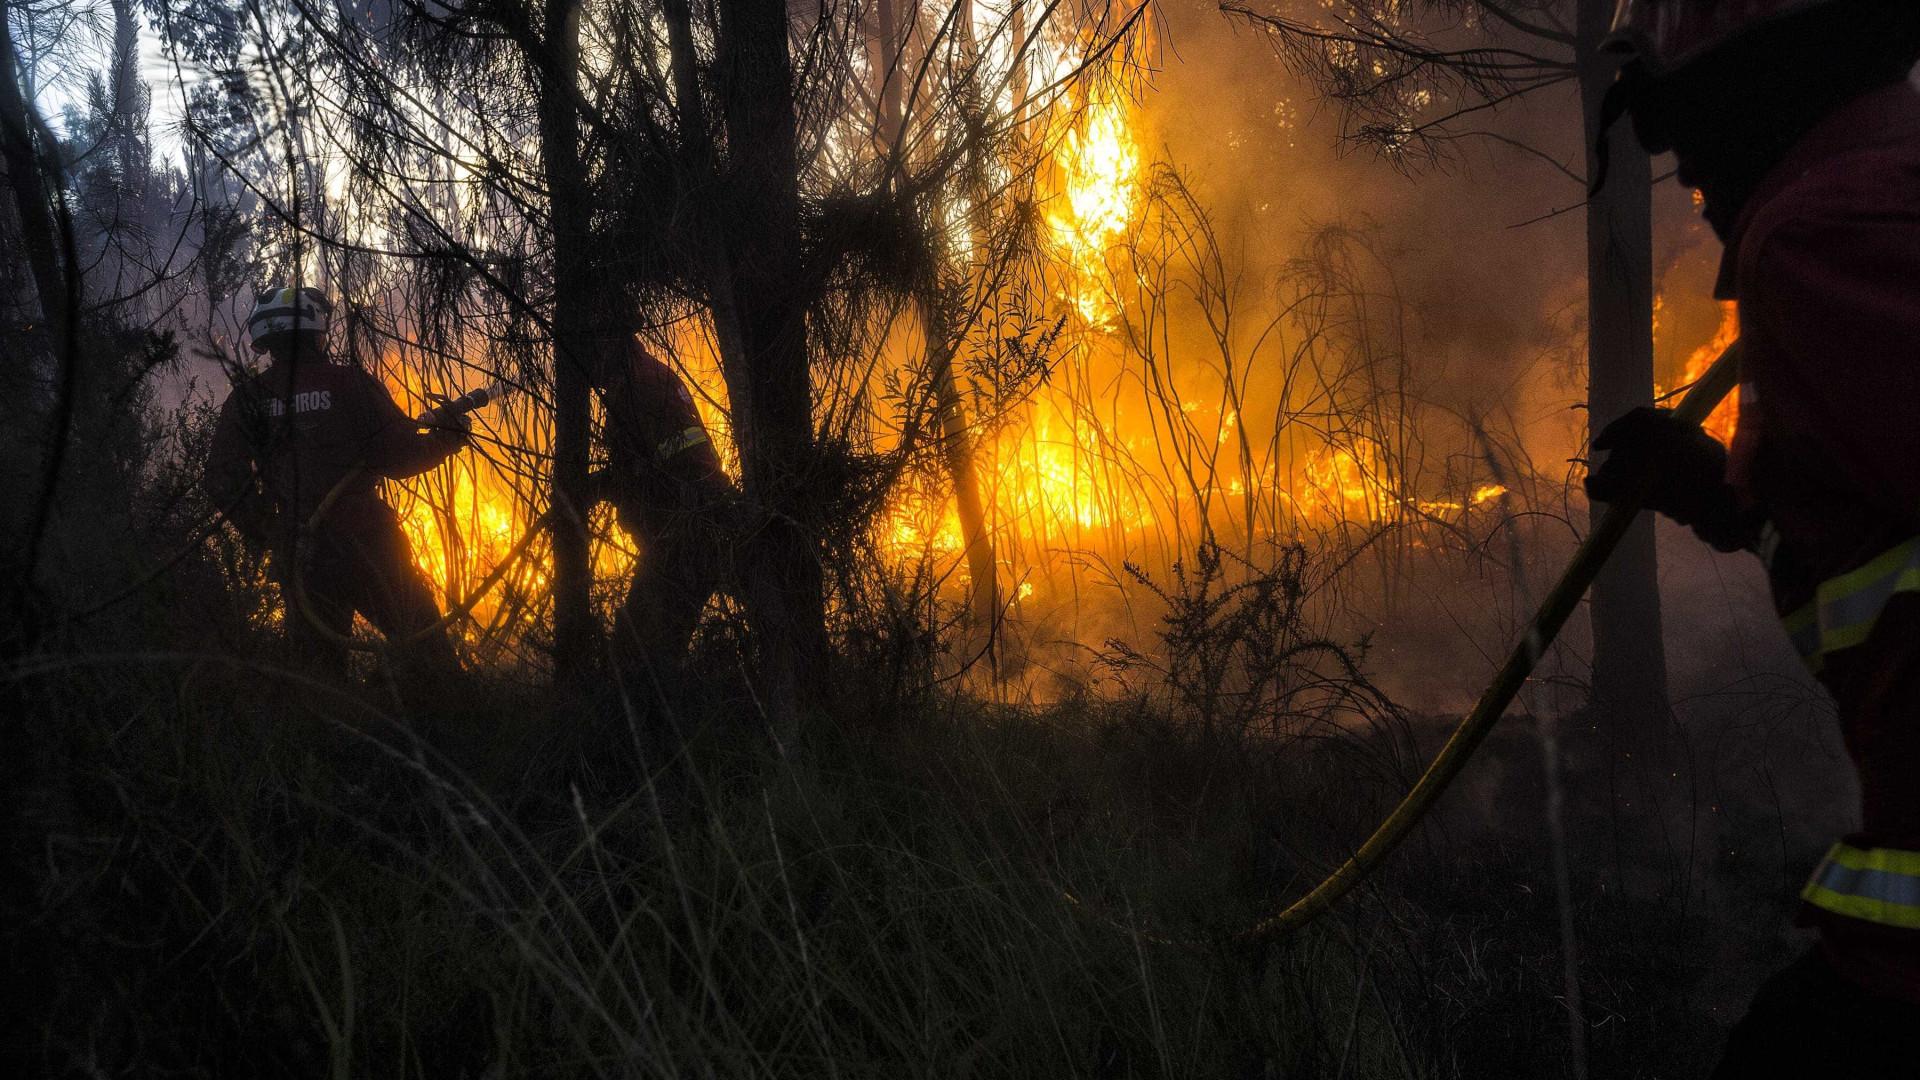 Presidente de Timor expressa solidariedade com vítimas de incêndios